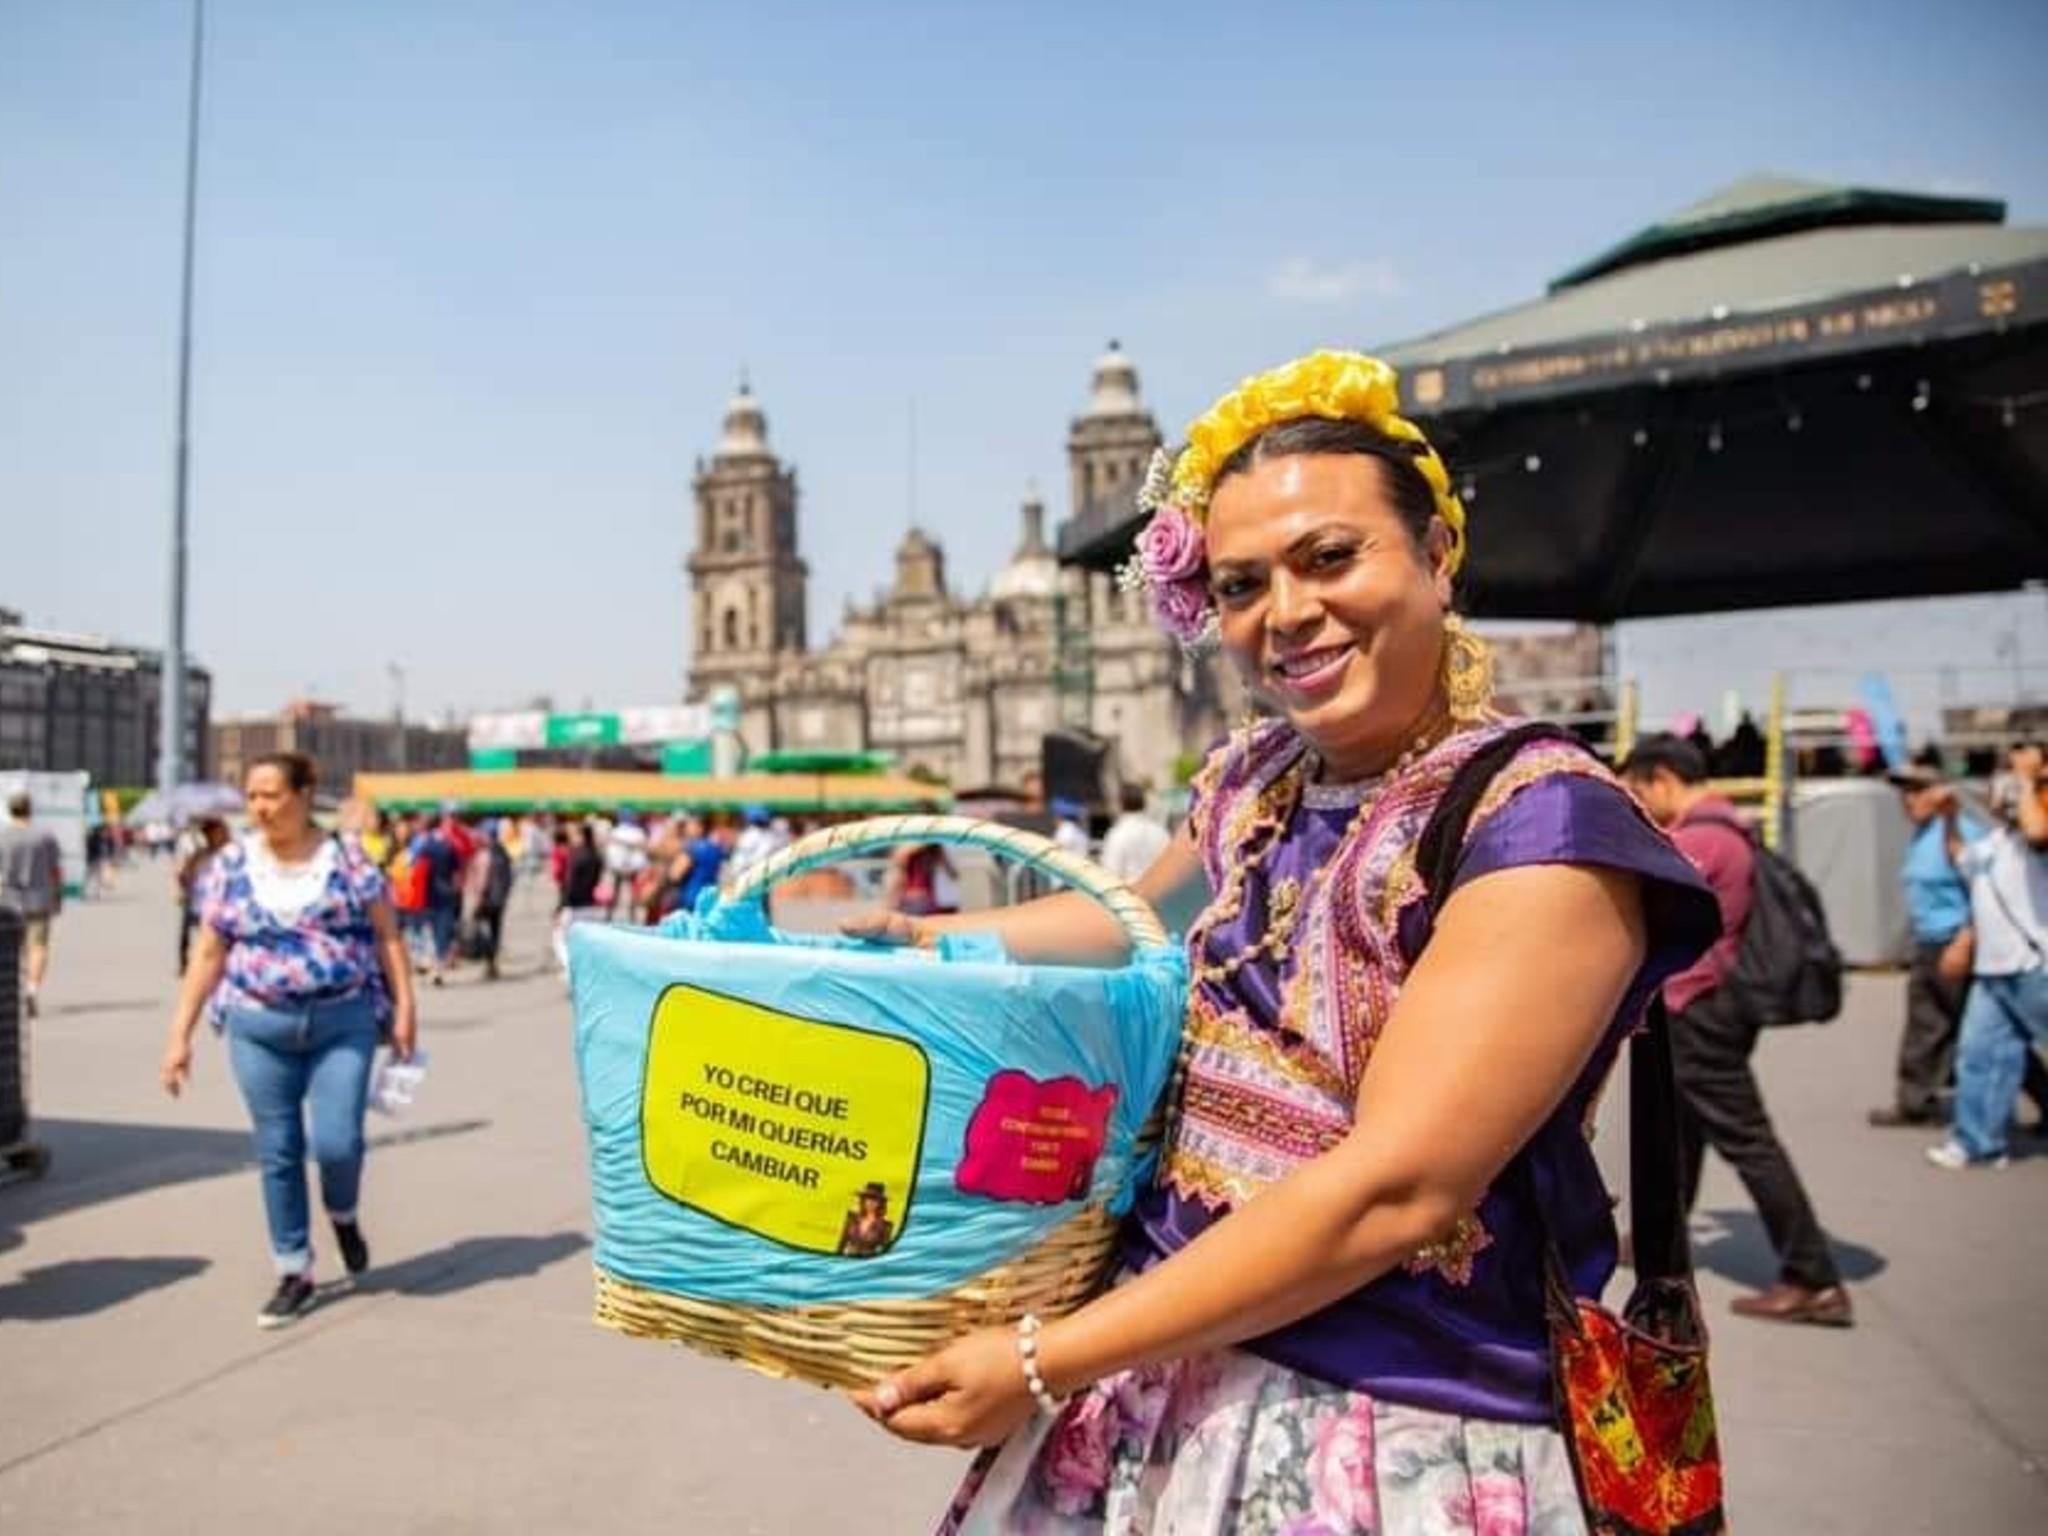 lady tacos de canasta con tacos